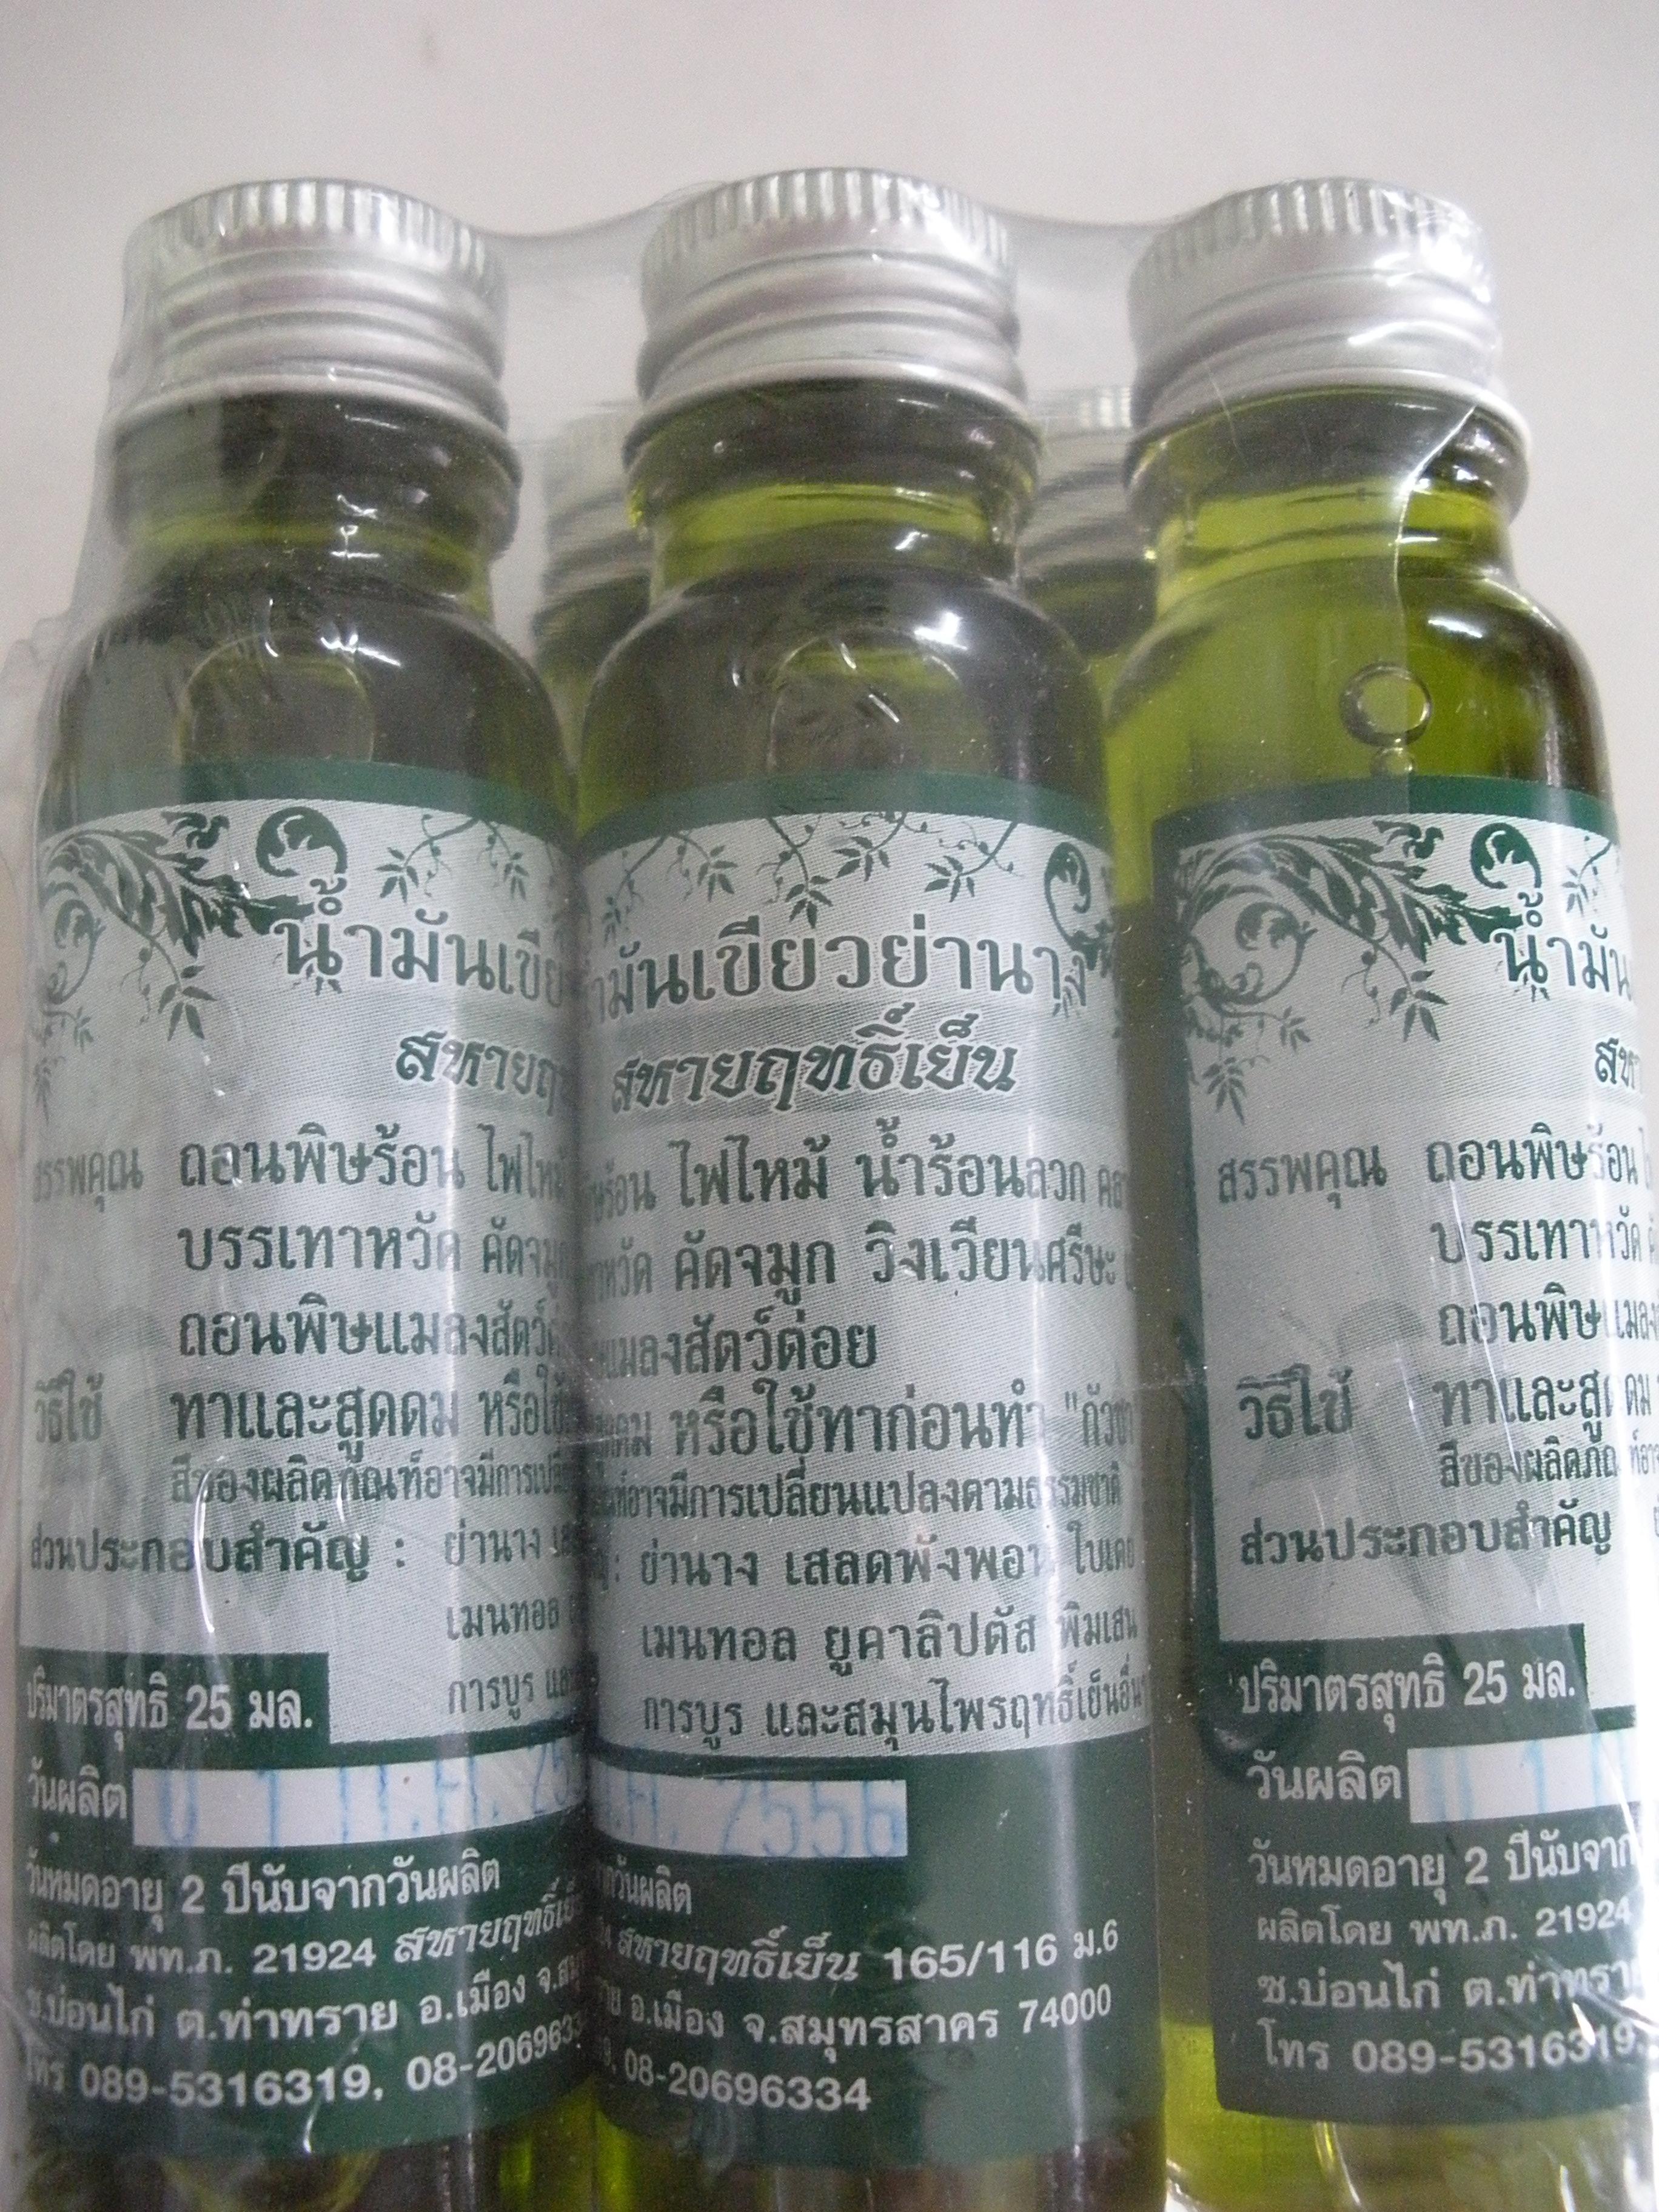 น้ำมันเขียว (Green oil ointment)